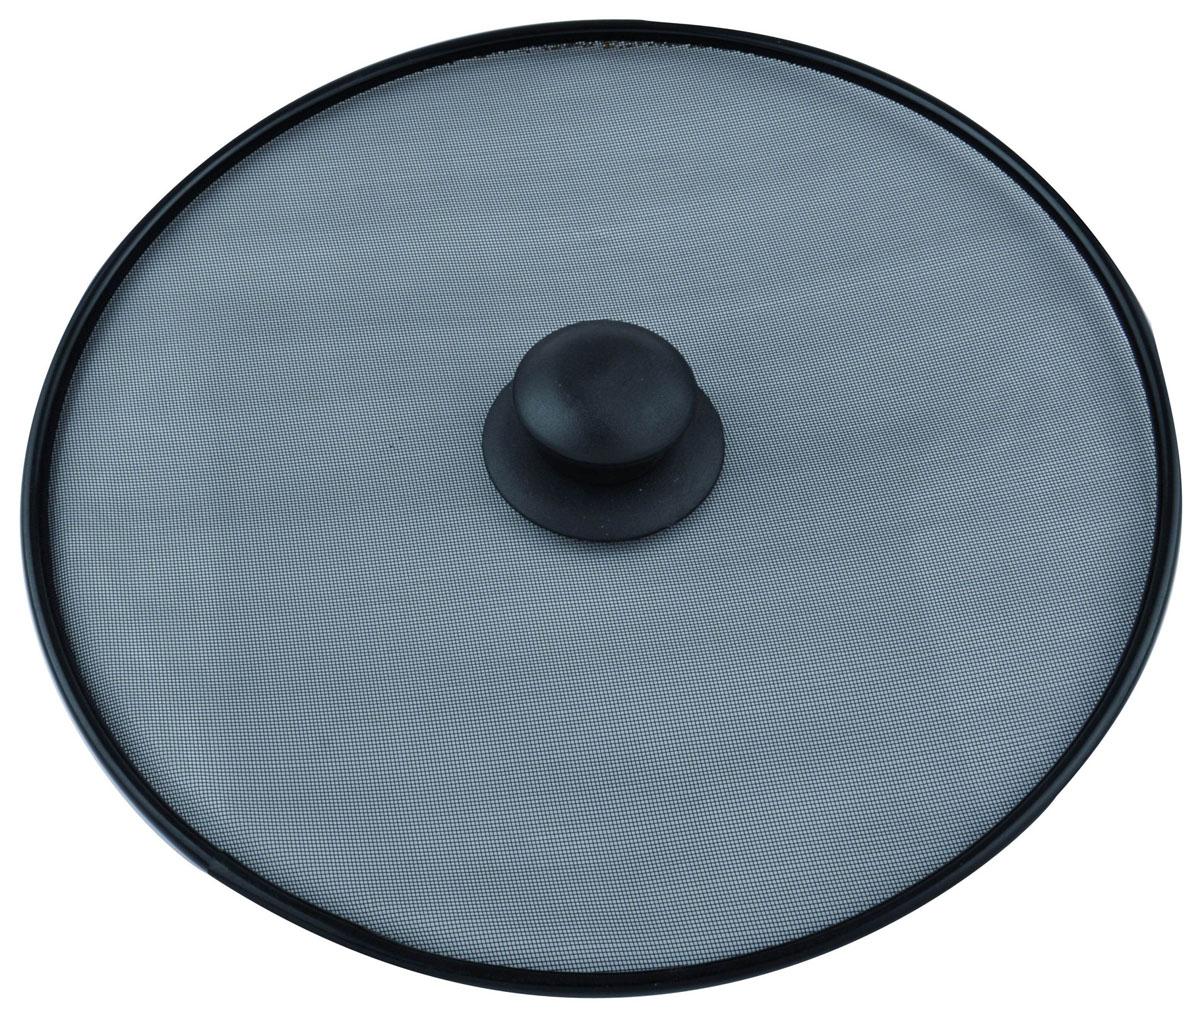 Крышка-защита от брызг Pronto. Диаметр 28 см. 93-PRO-35-2893-PRO-35-28Крышка-защита от брызг Linea Pronto выполнена из высококачественной нержавеющей стали с темным покрытием. Крышка представляет собой прочную стальную сетку на металлическом ободке. Крышка станет надежной защитой от брызг во время приготовления пищи, в то же время она полностью воздухопроницаемая. Крышка оснащена удобной пластиковой ручкой. Характеристики: Материал: нержавеющая сталь, пластик. Диаметр: 28 см. Цвет: черный. Артикул: 93-PRO-35-28.